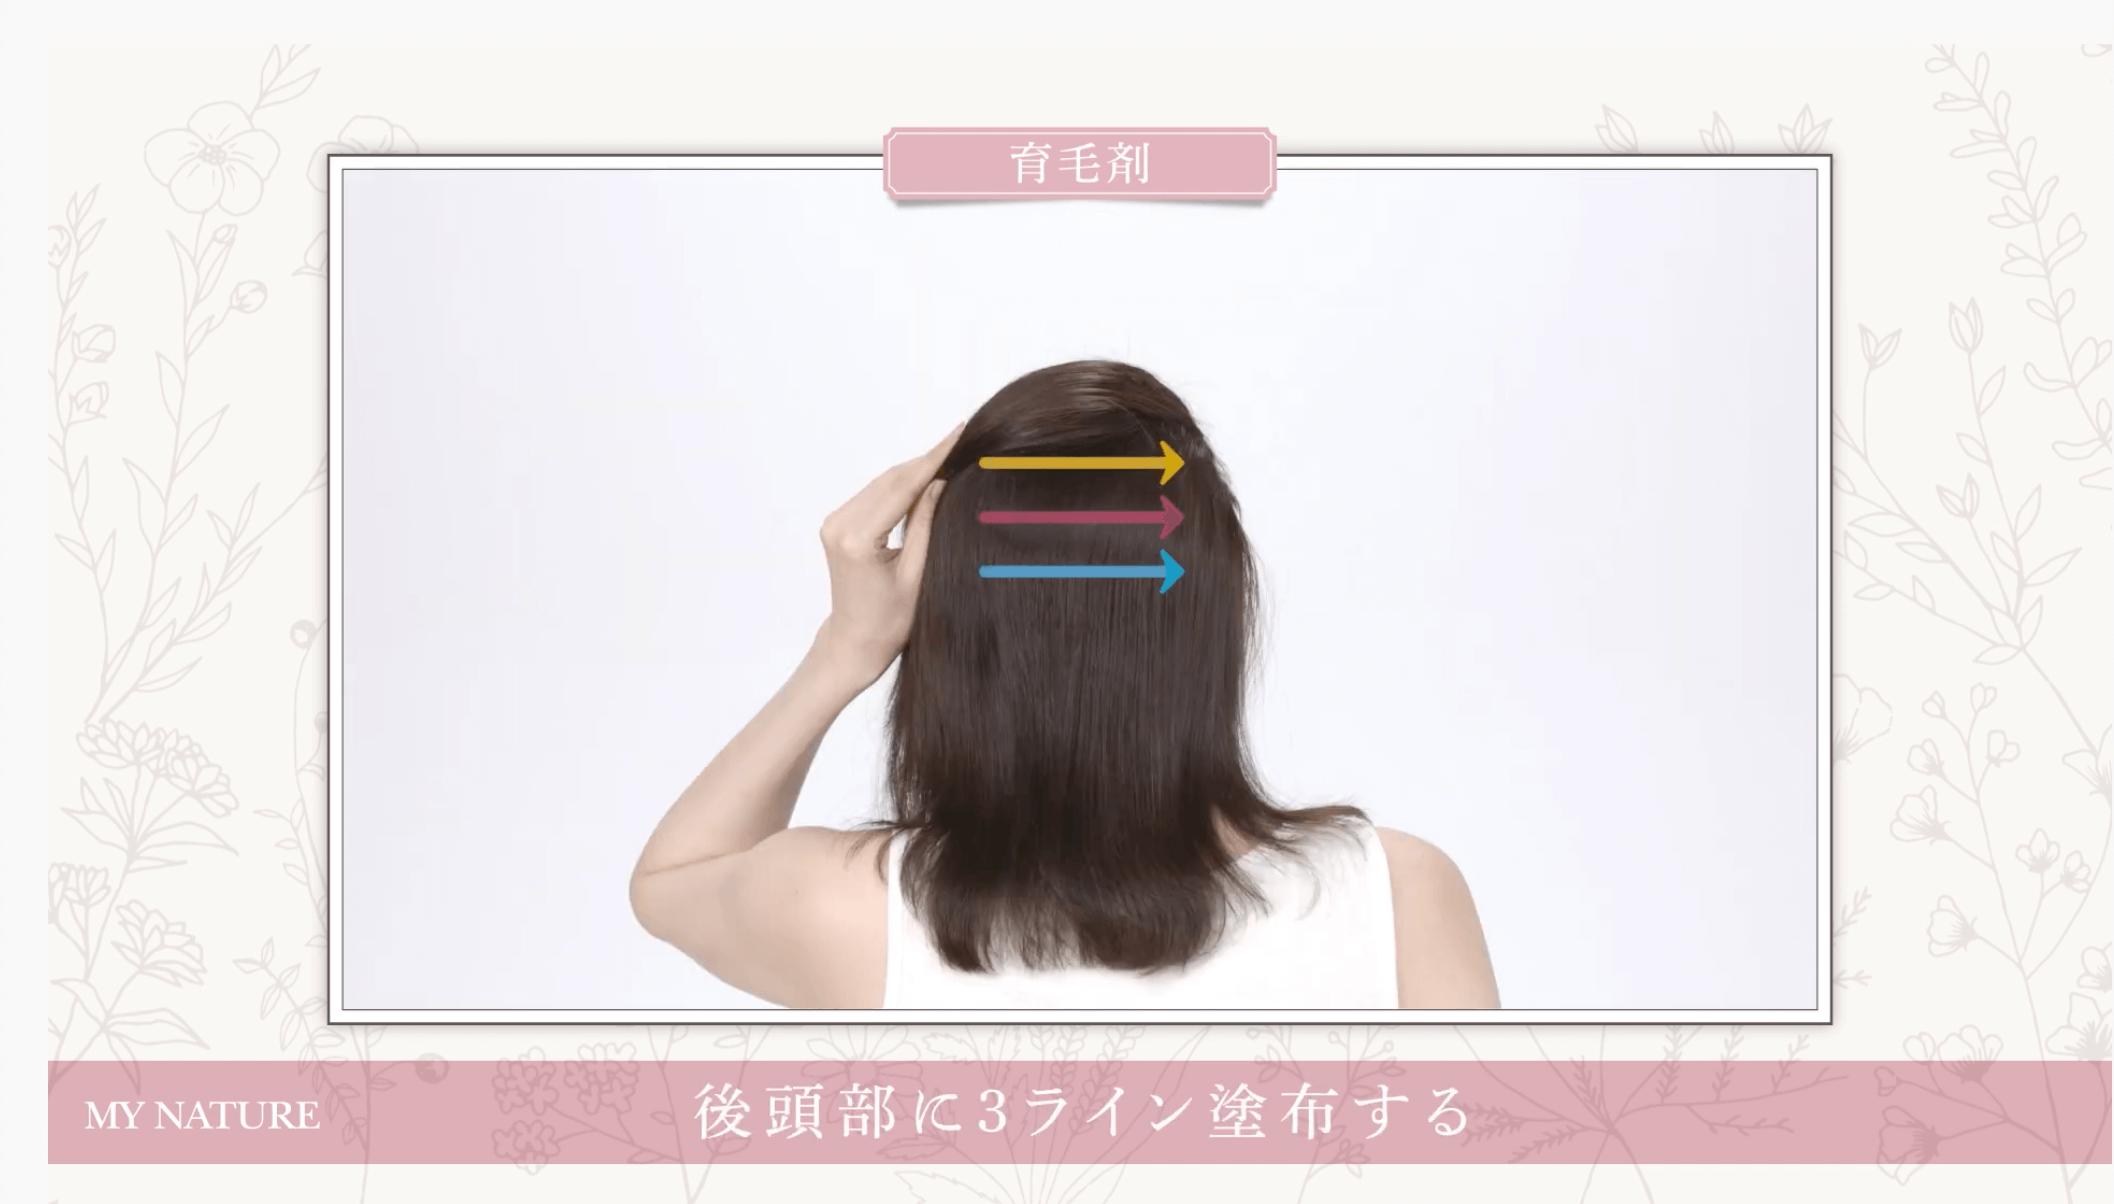 【マイナチュレ】育毛剤の使い方 後頭部